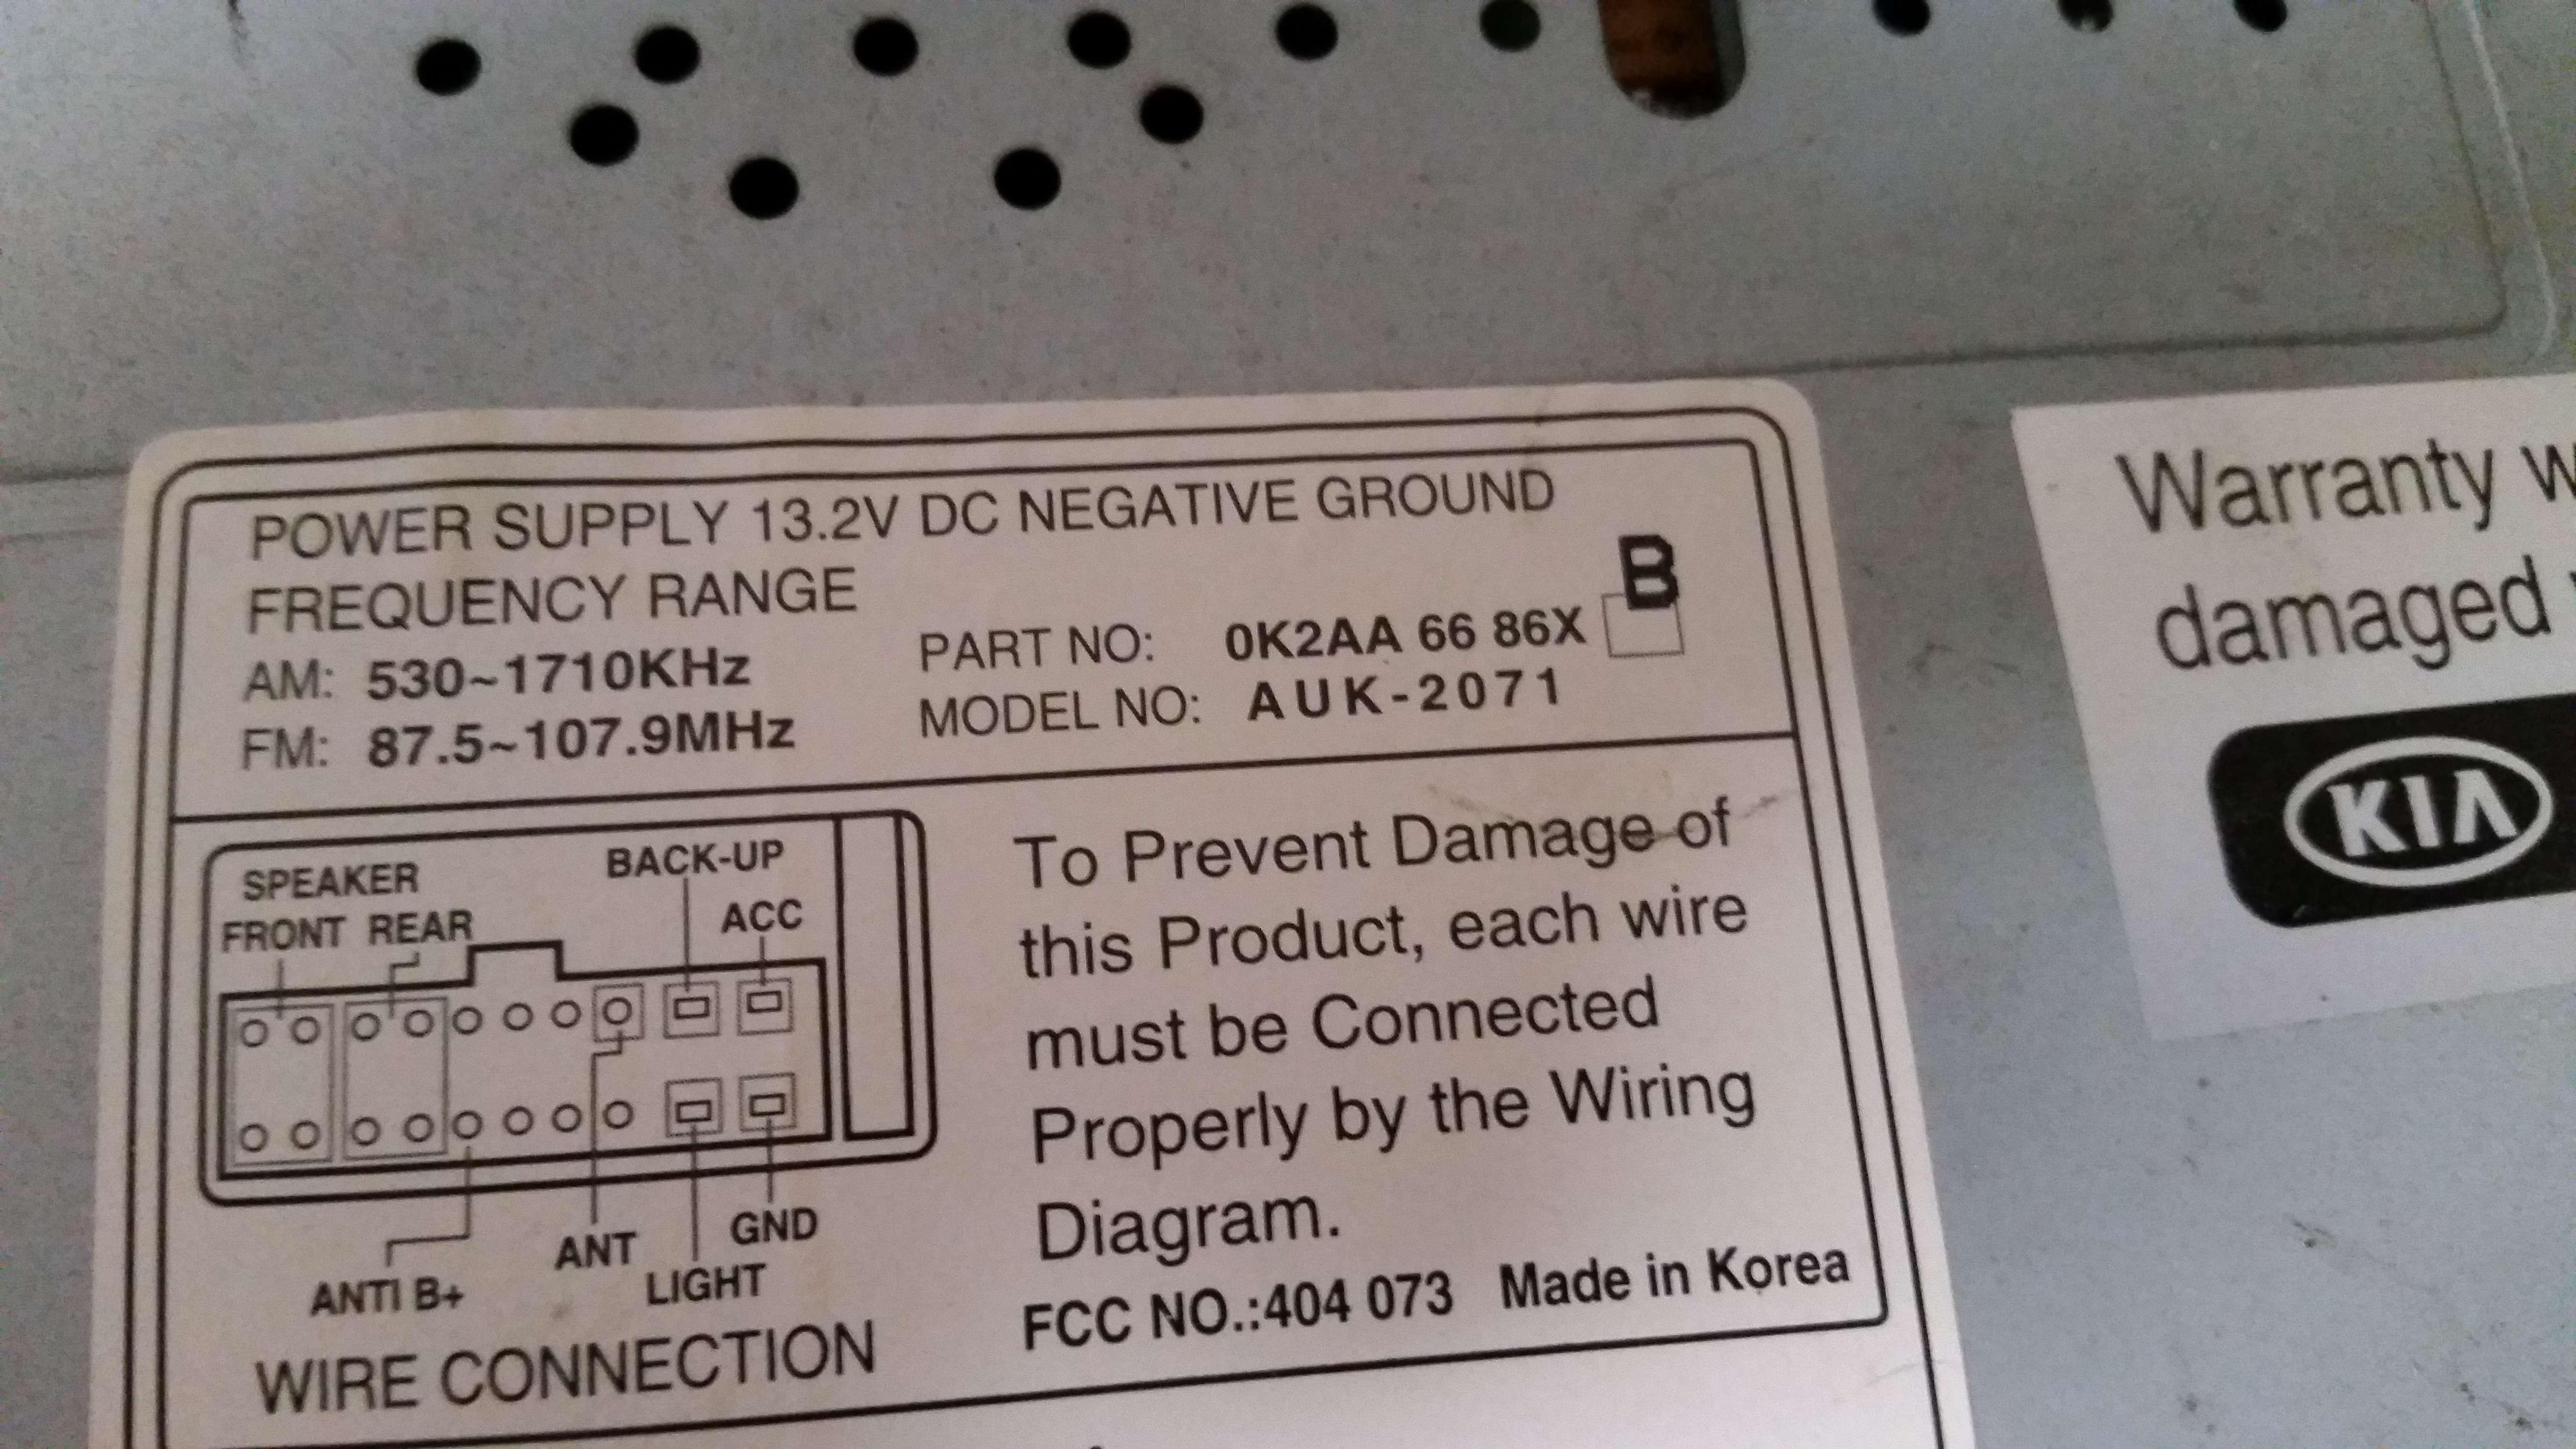 98 99 00 01 02 Kia Sephia Spectra Cette Radio 0K2AA 66 86X AUK ... Kia Radio Receiver Wiring Diagram on kia optima radio harness diagram, kia electrical wiring diagram, kia sorento wiring-diagram, kia spectra wiring diagram, kia sedona wiring-diagram, 2007 kia sportage transmission wiring diagram, 2007 kia sportage stereo wiring diagram, 2005 kia optima wiring diagram, kia optima wiring harnesses, kia soul stereo system wiring, kia rio wiring diagram,